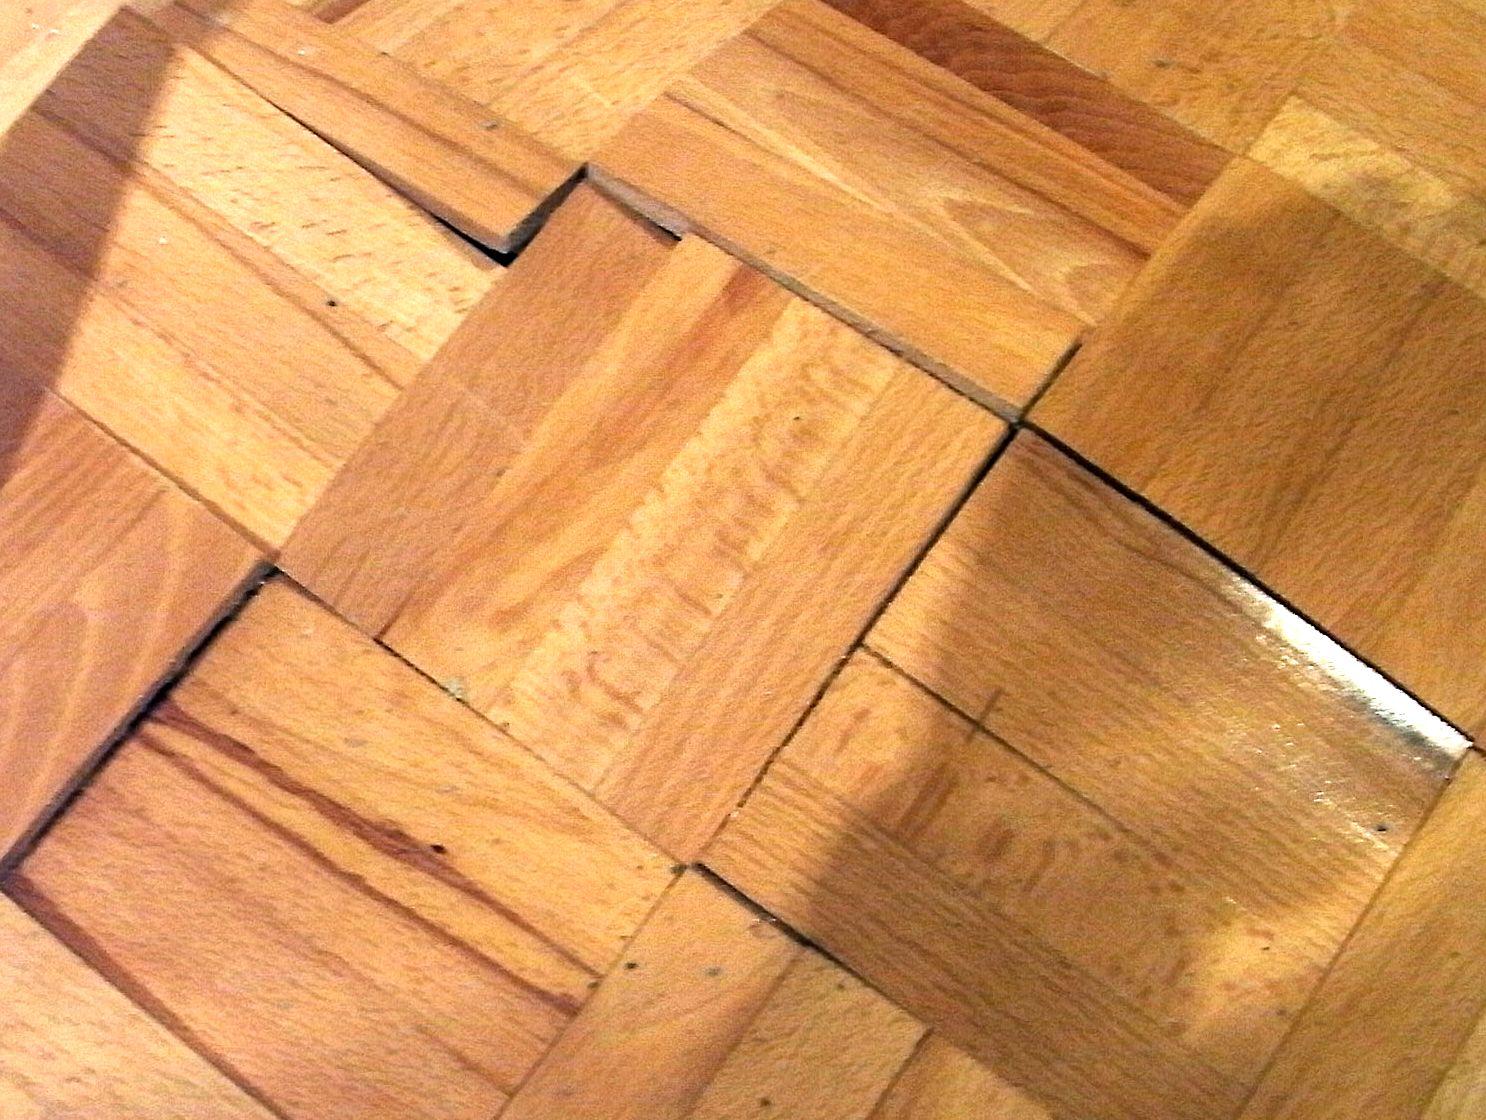 Holzfußboden Wasserschaden ~ Parkett wasserschaden: wasserschaden fussboden powalla. sanierungen